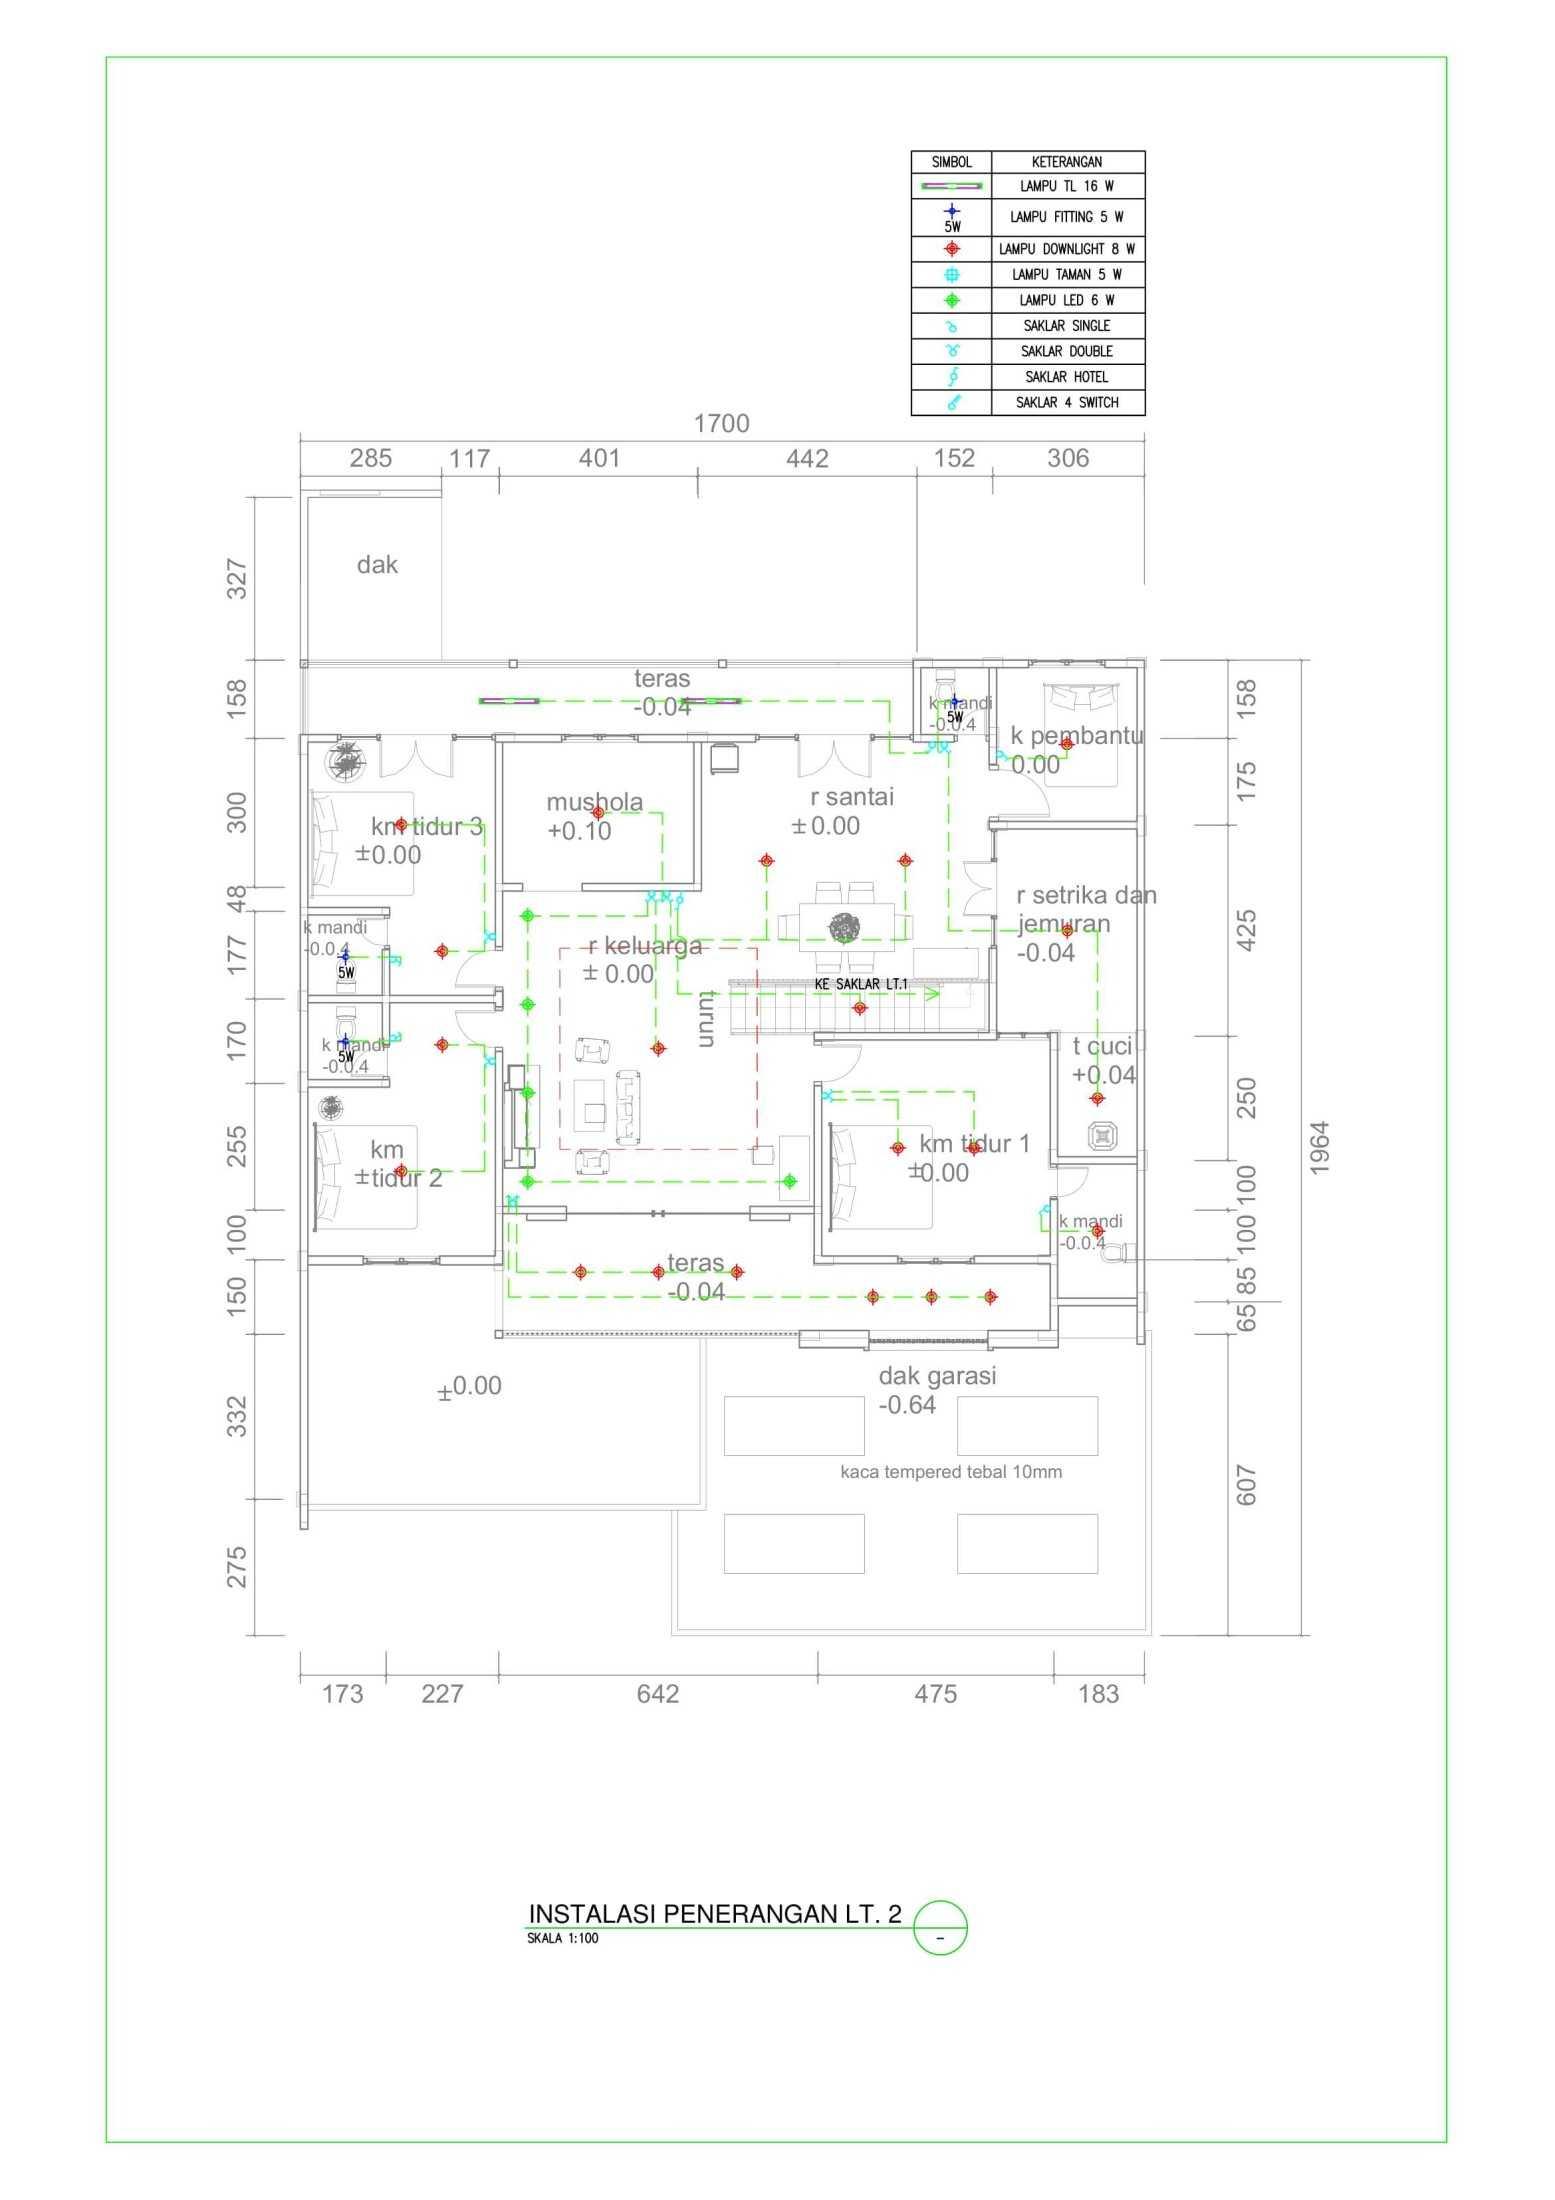 Iyan_Design Rumah Bapak Andi Palembang, Kota Palembang, Sumatera Selatan, Indonesia Palembang, Kota Palembang, Sumatera Selatan, Indonesia Iyandesign-Rumah-Bapak-Andi  93734